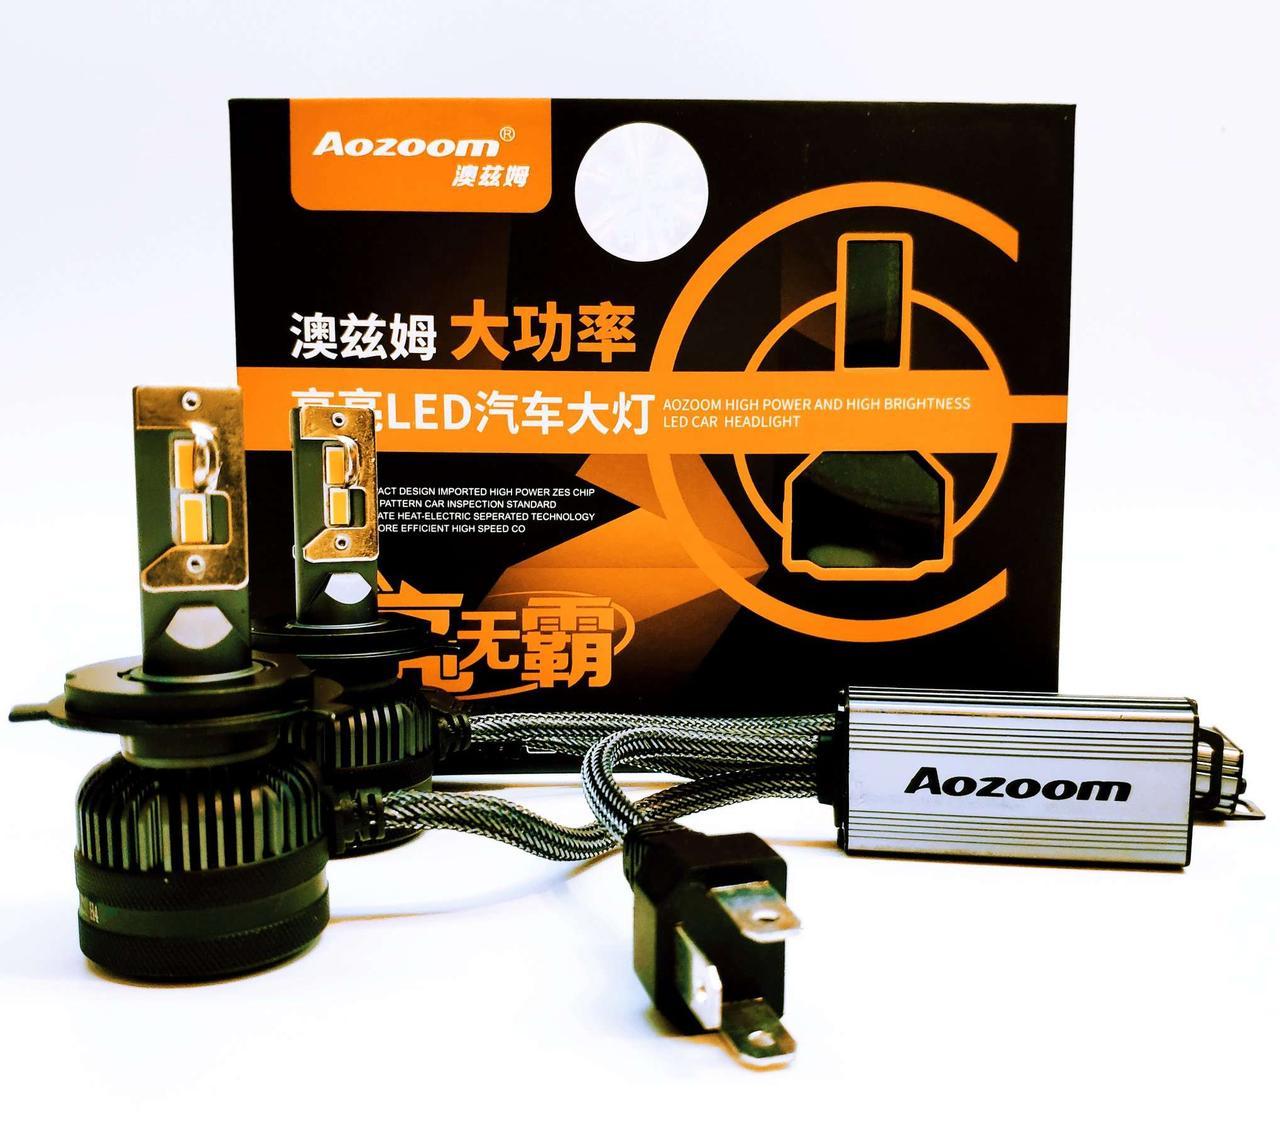 Автолампы LED светодиодные Aozoom L8 Н4 90Вт Canbus 7600Лм 12В